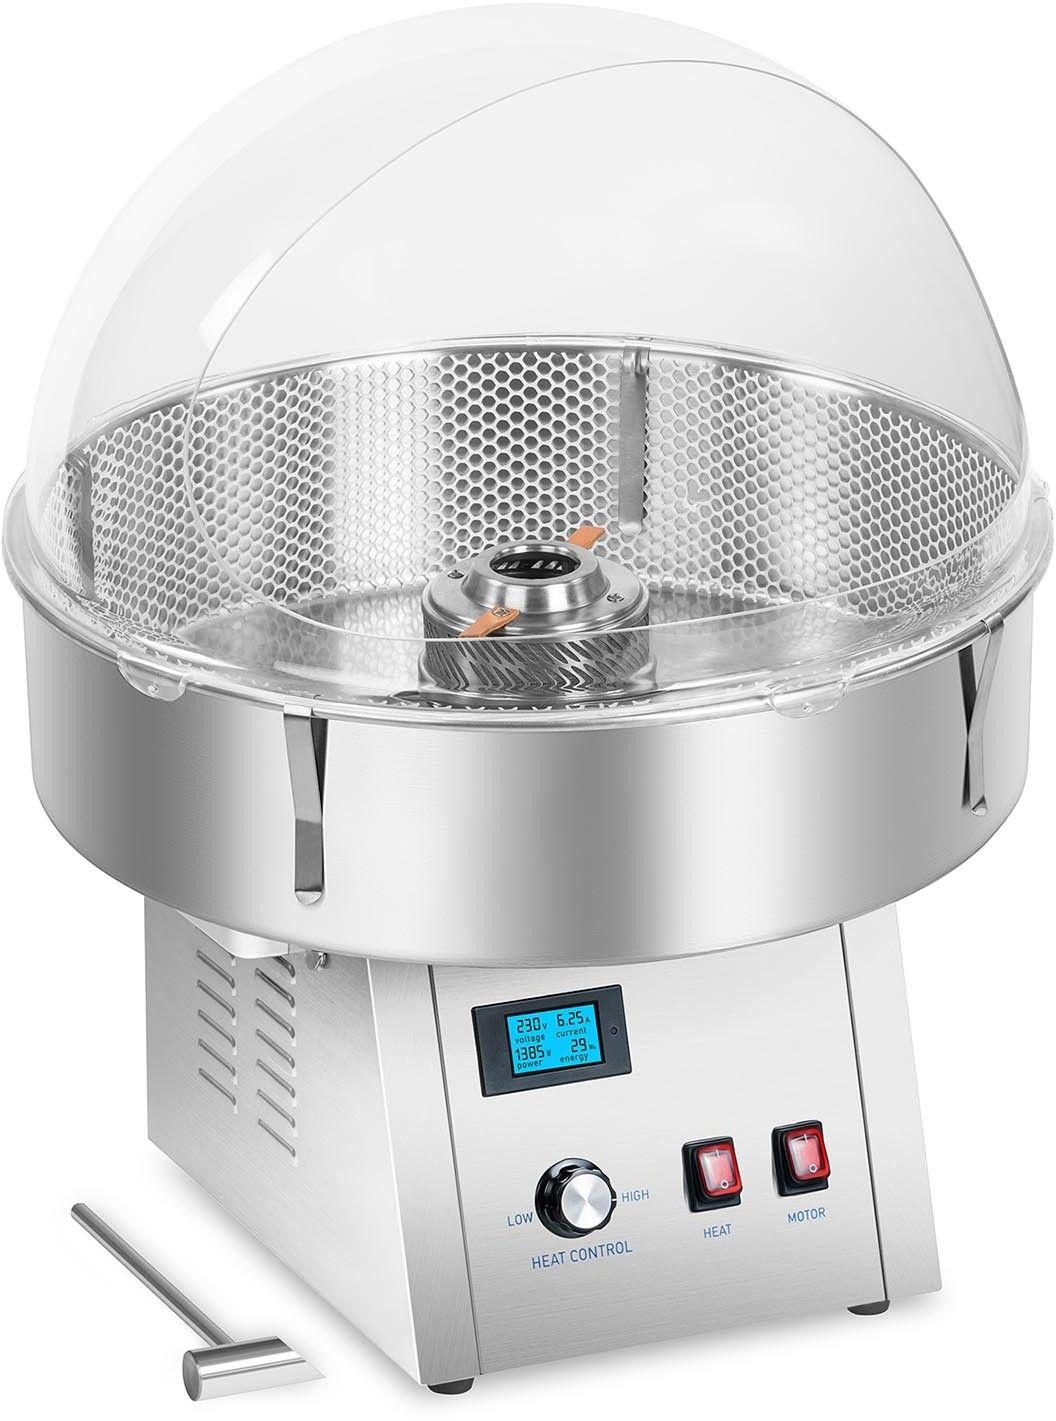 Zestaw Maszyna do waty cukrowej 62 cm + pokrywa + stabilizator+ patyczki LED 50 szt. - Royal Catering - RCZK-1500S-W SET2 - 3 lata gwarancji/wysyłka